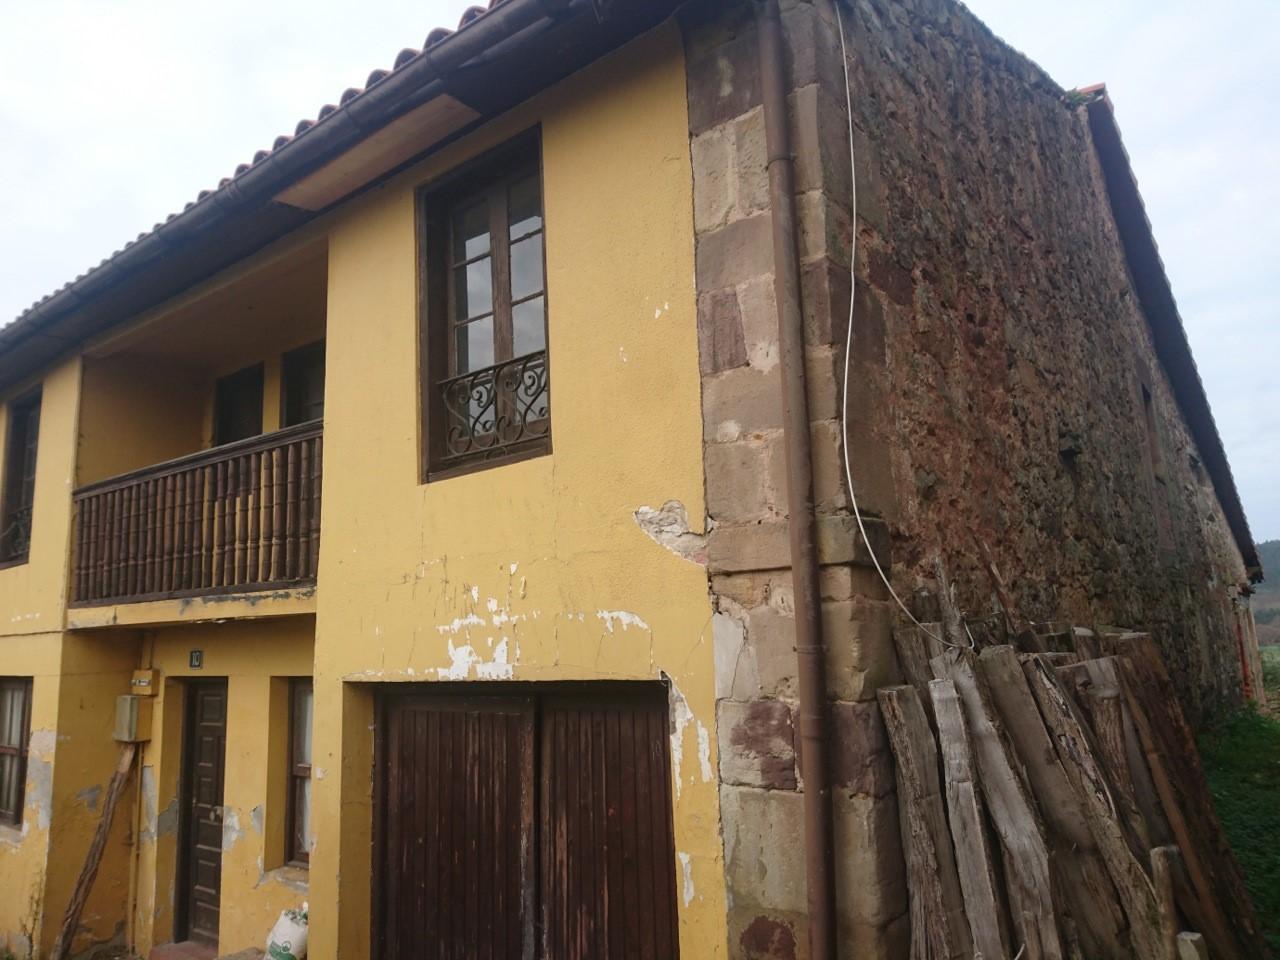 Casa en venta en Piélagos, Cantabria, Calle la Edesa, 80.000 €, 5 habitaciones, 1 baño, 281 m2